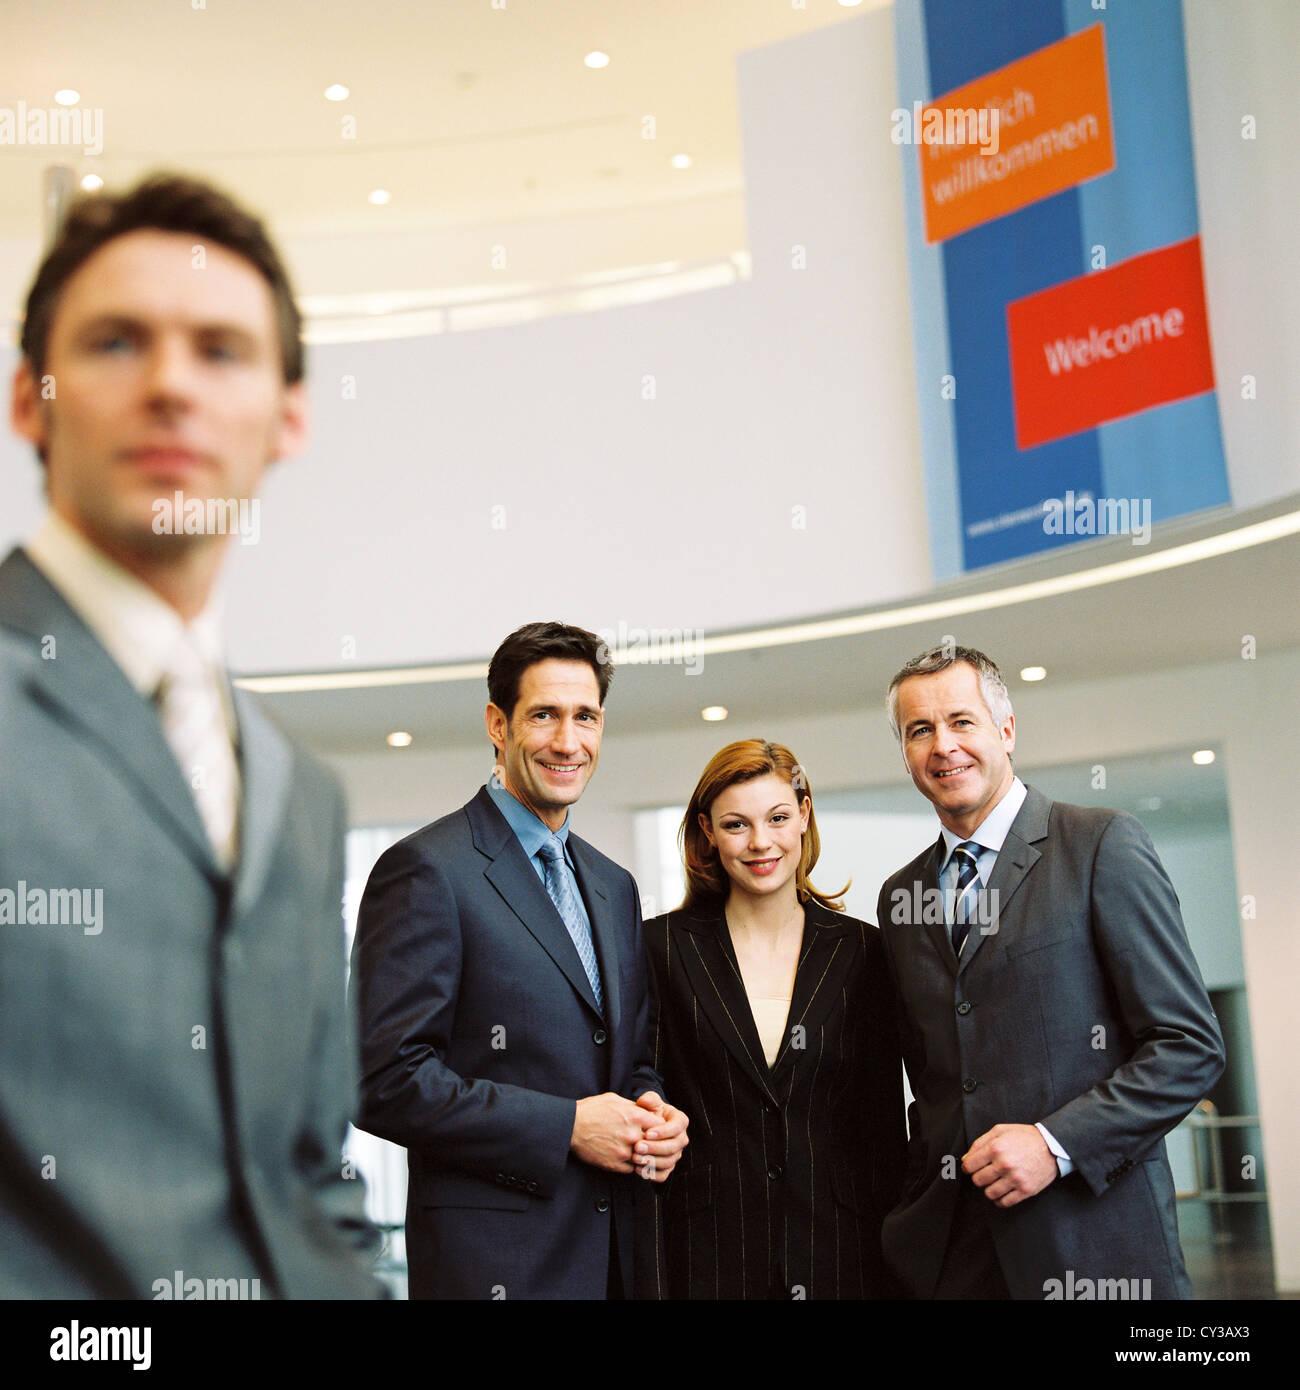 La gente de negocios equipo gestor de licencia libre excepto anuncios y vallas al aire libre Foto de stock